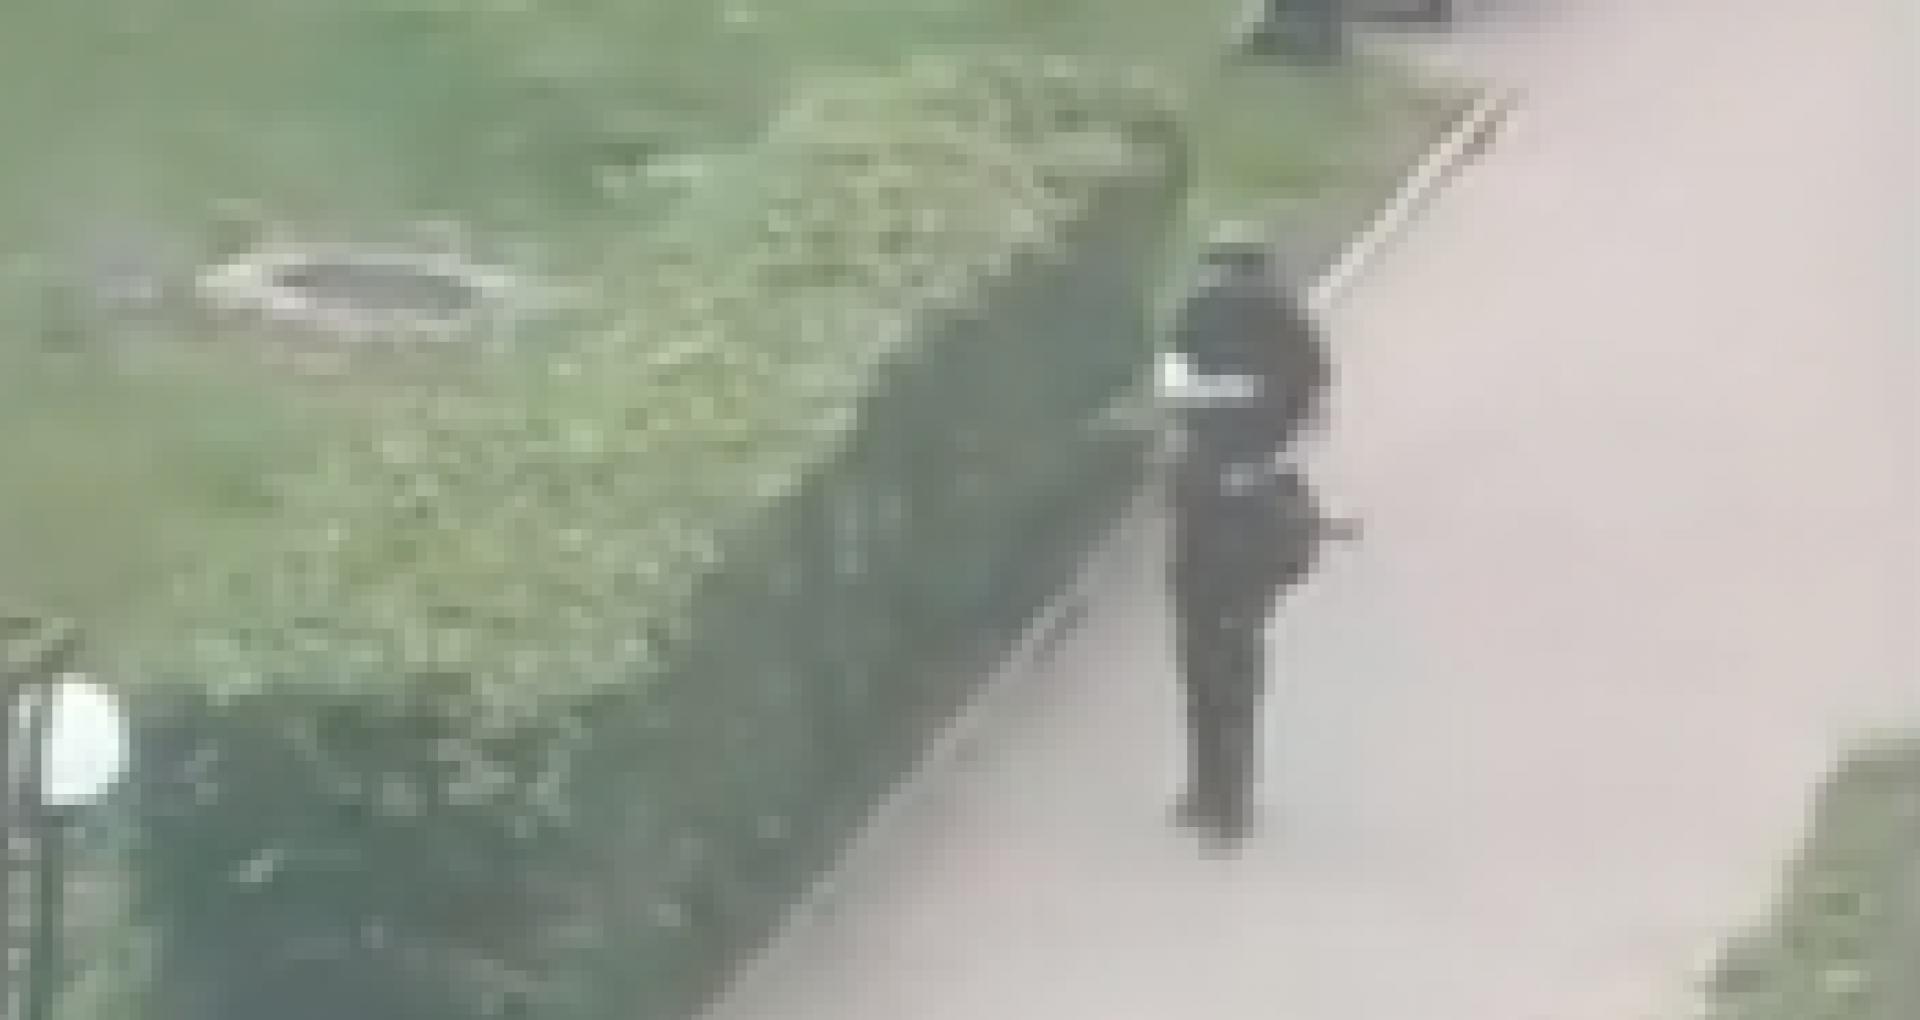 VIDEO/ Atac armat la o universitate din Rusia: 8 persoane au murit, 19 au fost rănite